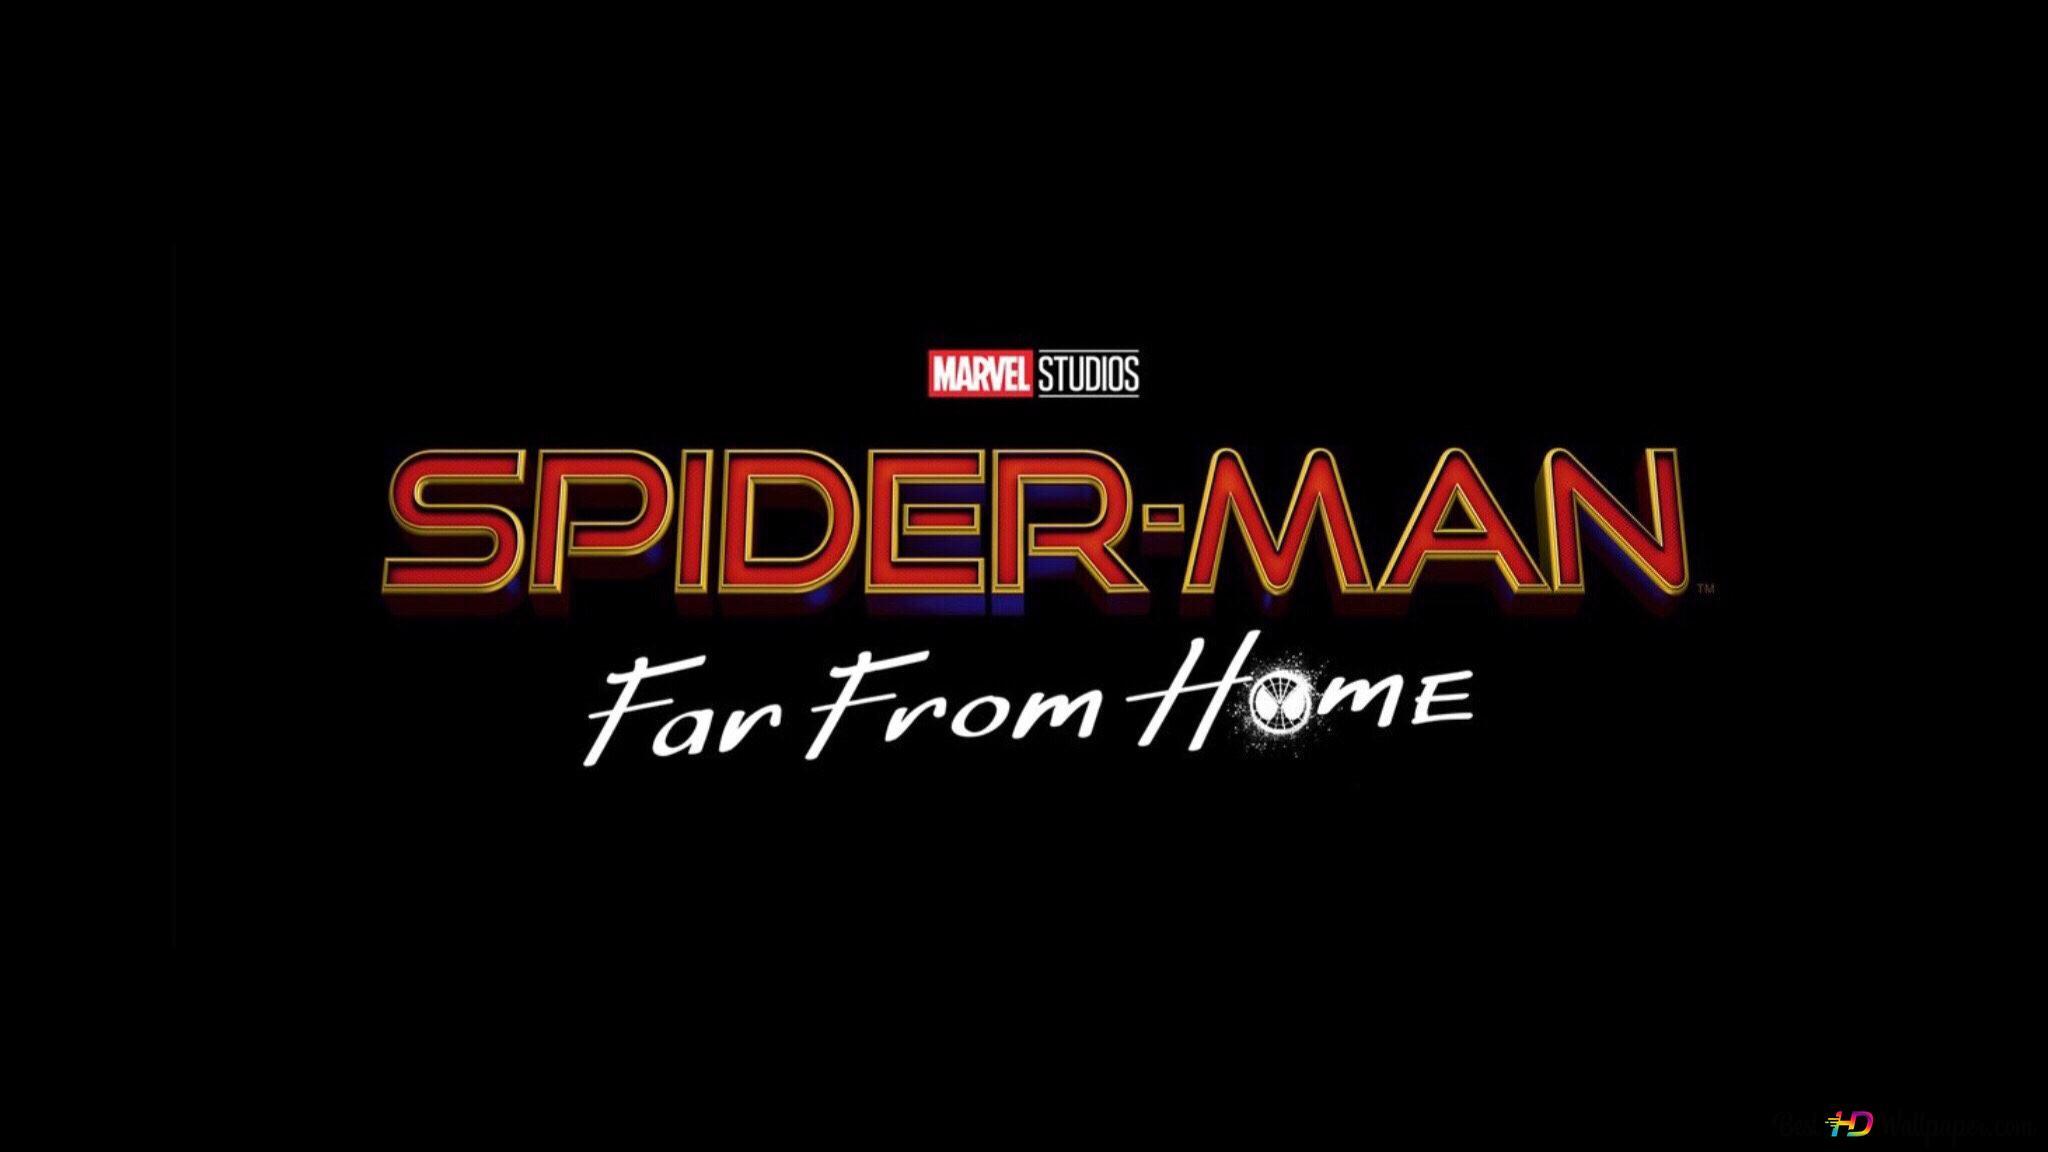 マーベル スタジオスパイダーマン ファーホームロゴから Hd壁紙の